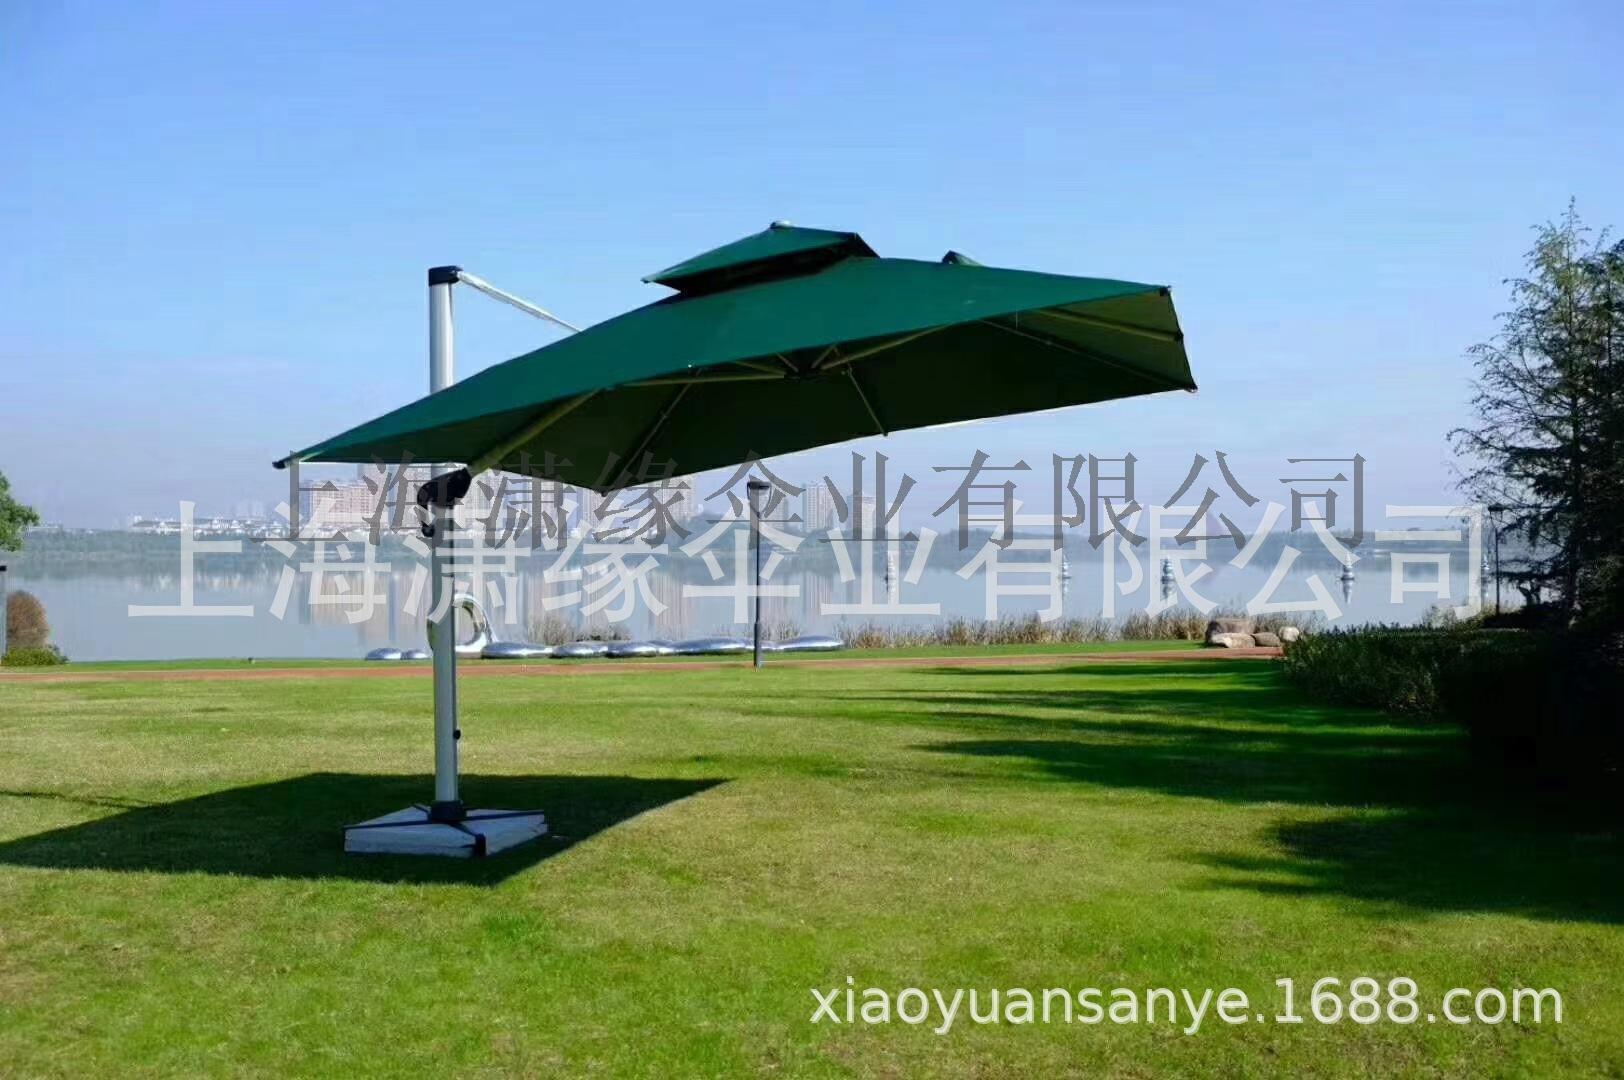 户外庭院伞批发货源家用别墅餐厅休闲大遮阳伞源头工厂120988242